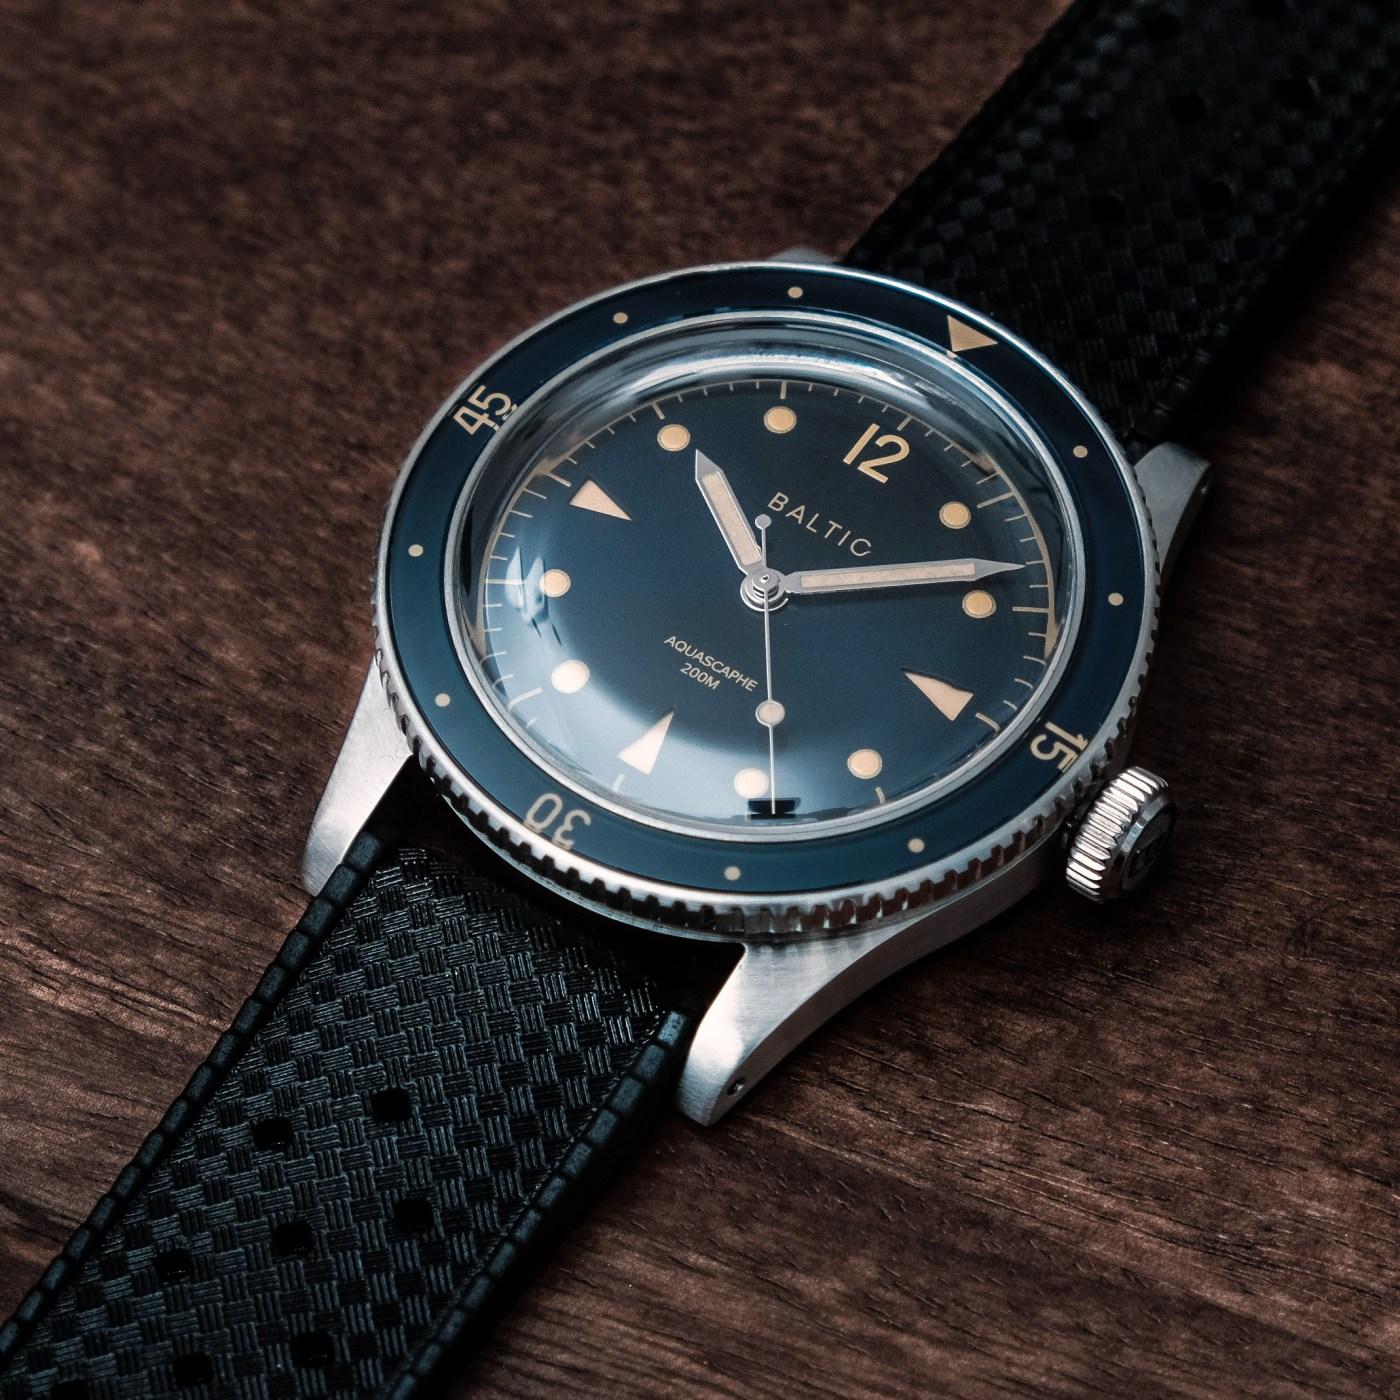 Baltic Aquascaphe blue gilt tropic dial